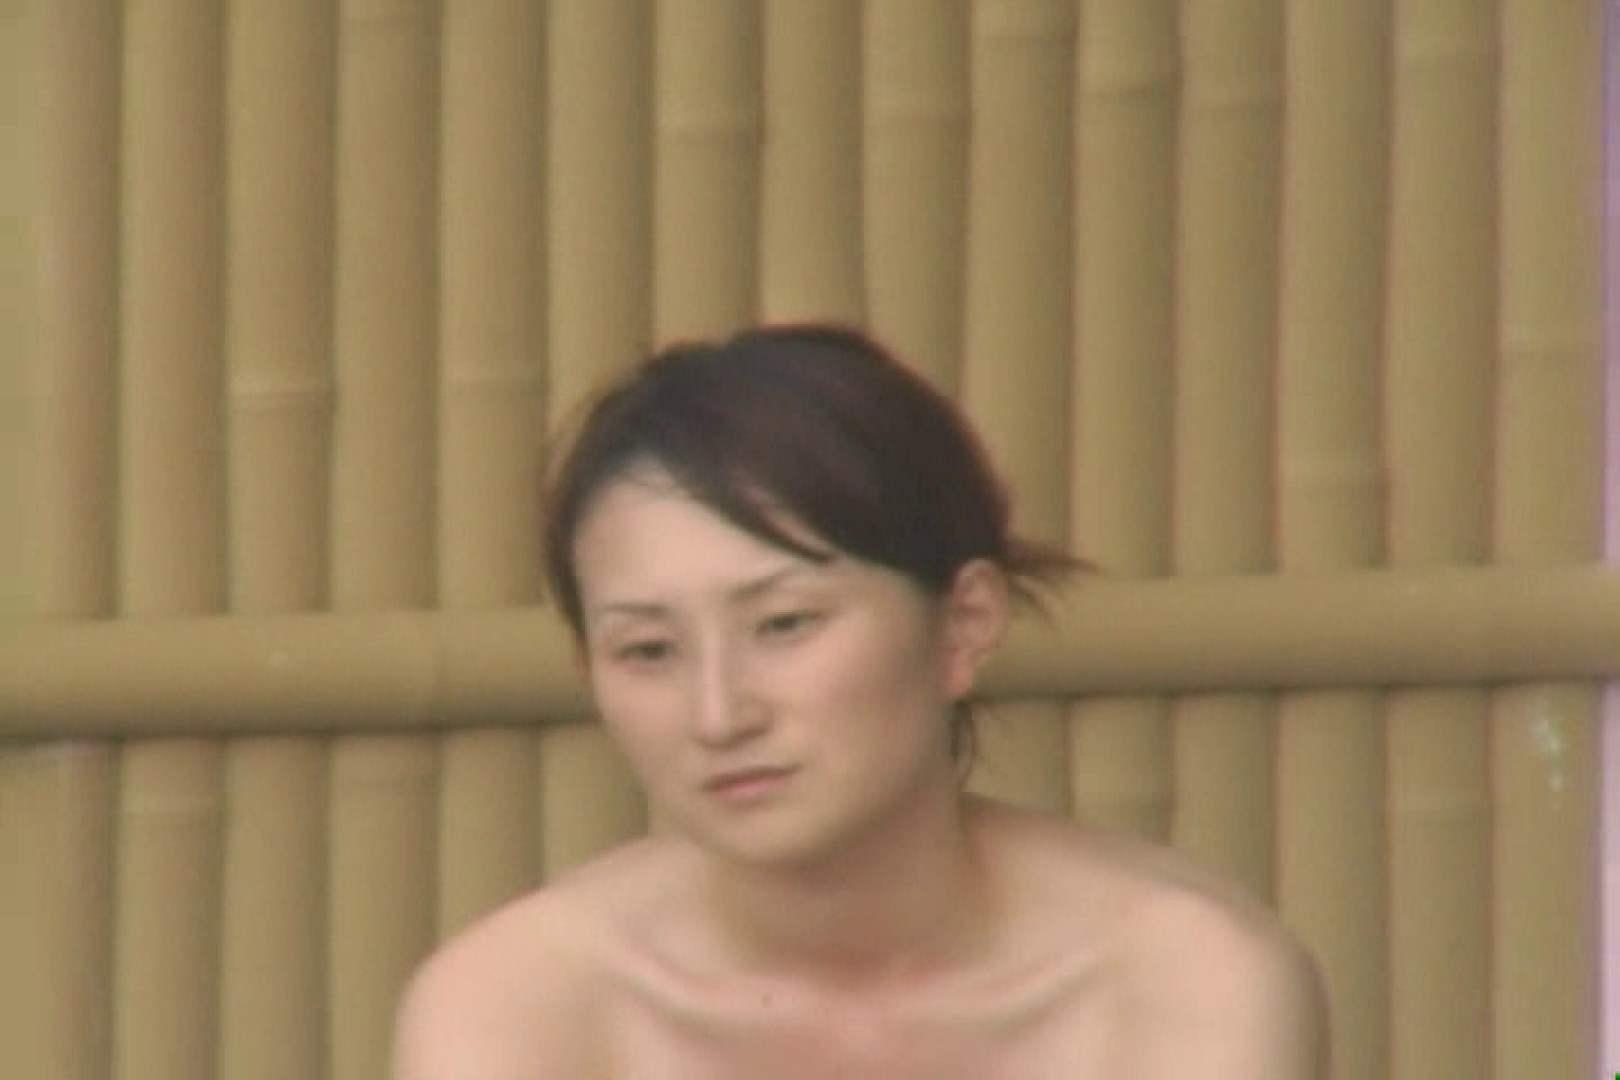 Aquaな露天風呂Vol.578 盗撮師作品 | 美しいOLの裸体  70pic 49